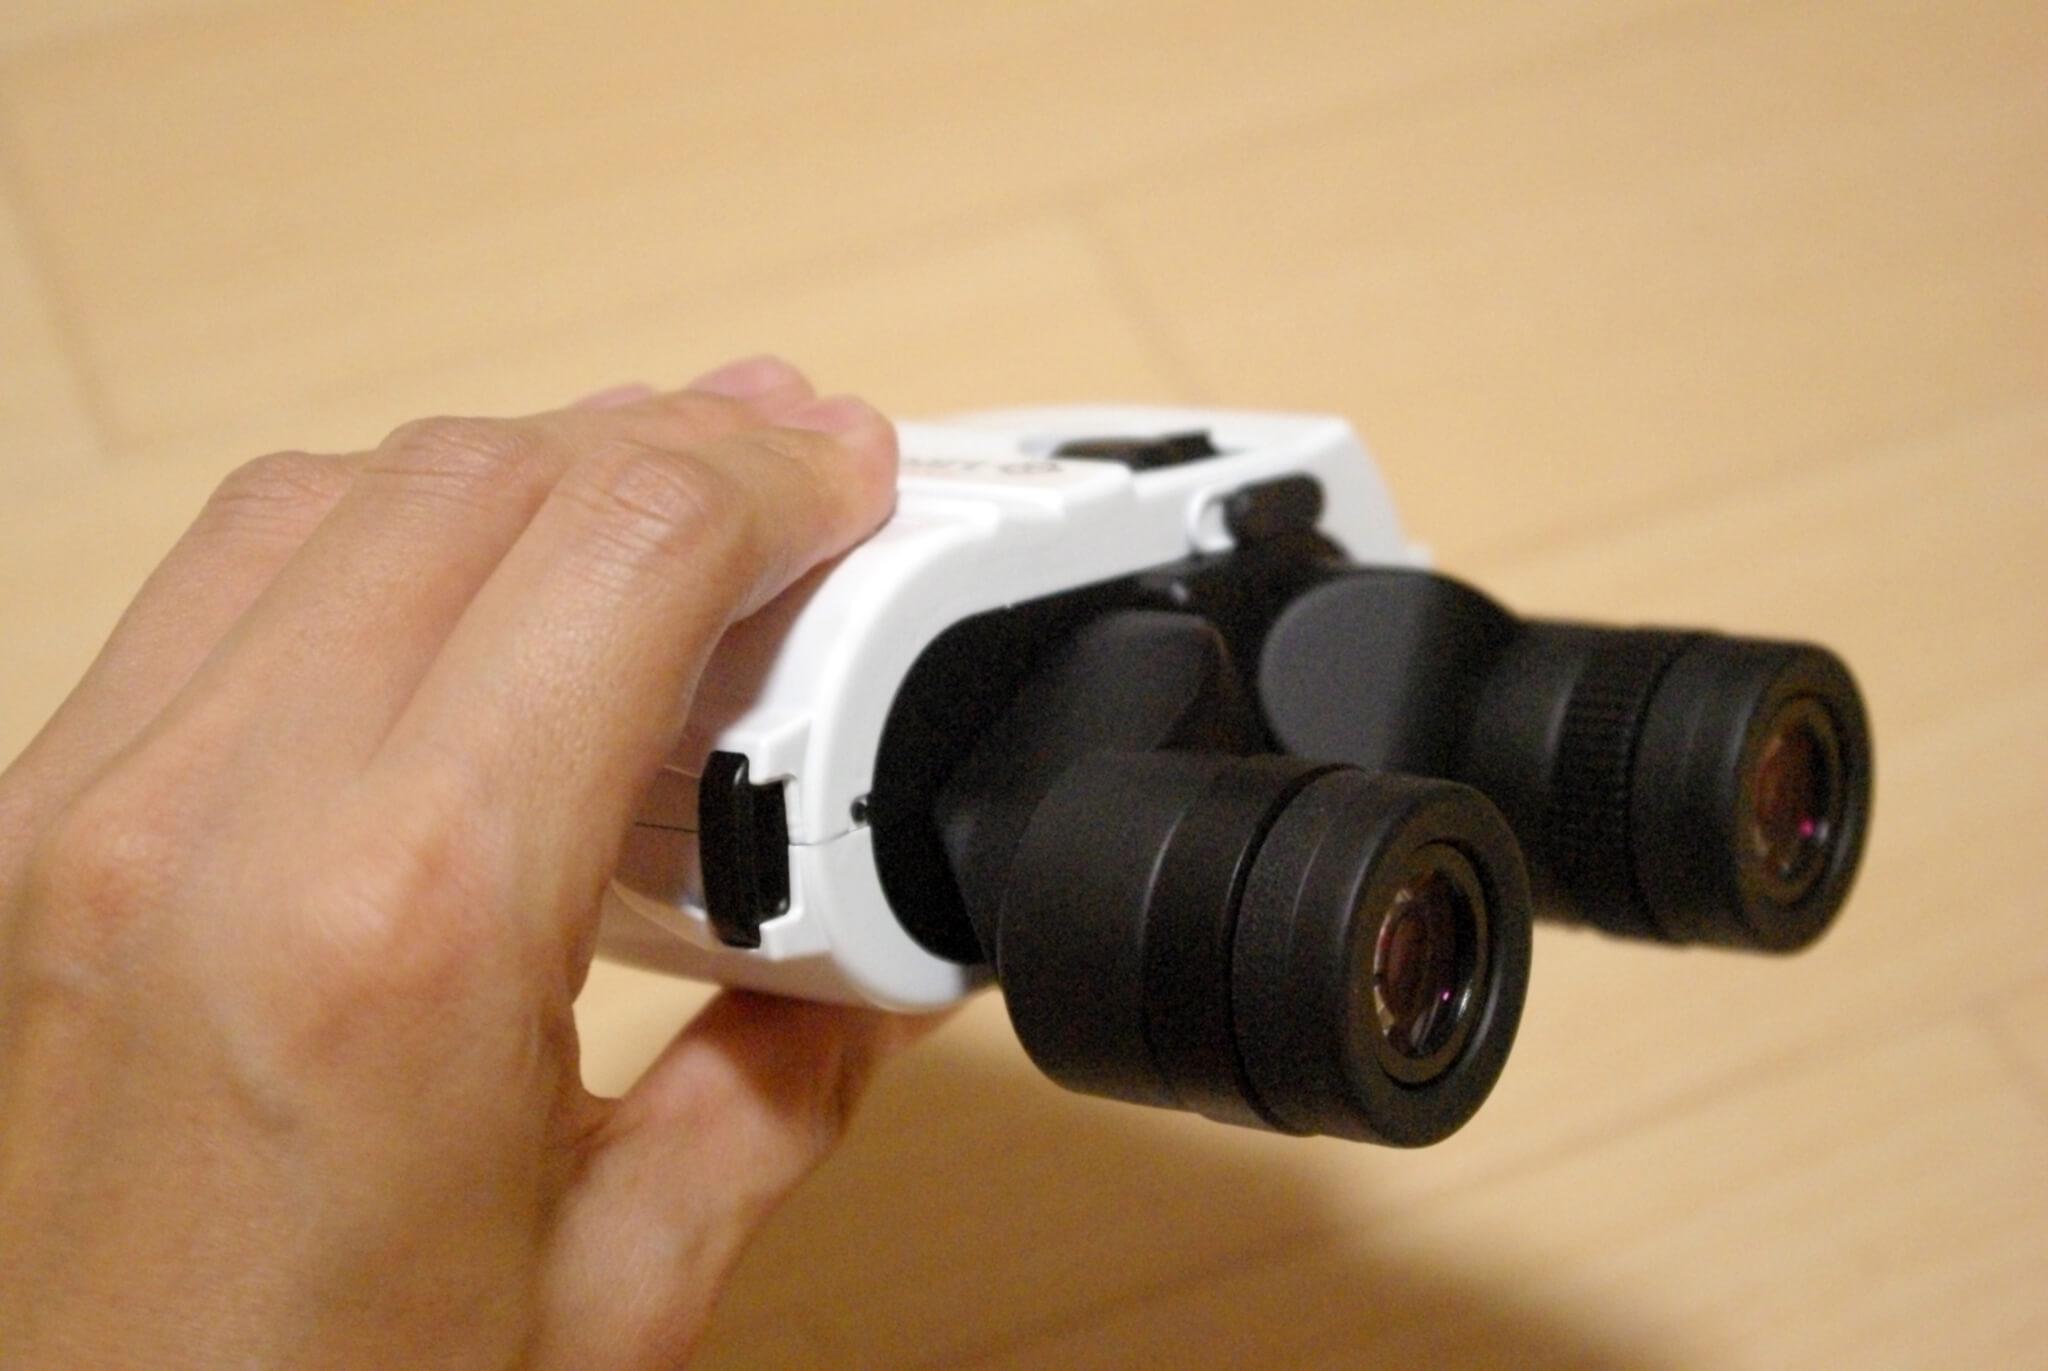 防振双眼鏡「ケンコー VCスマート コンパクト」5つの魅力 光学式手ブレ補正機構でどんな手ブレも補正